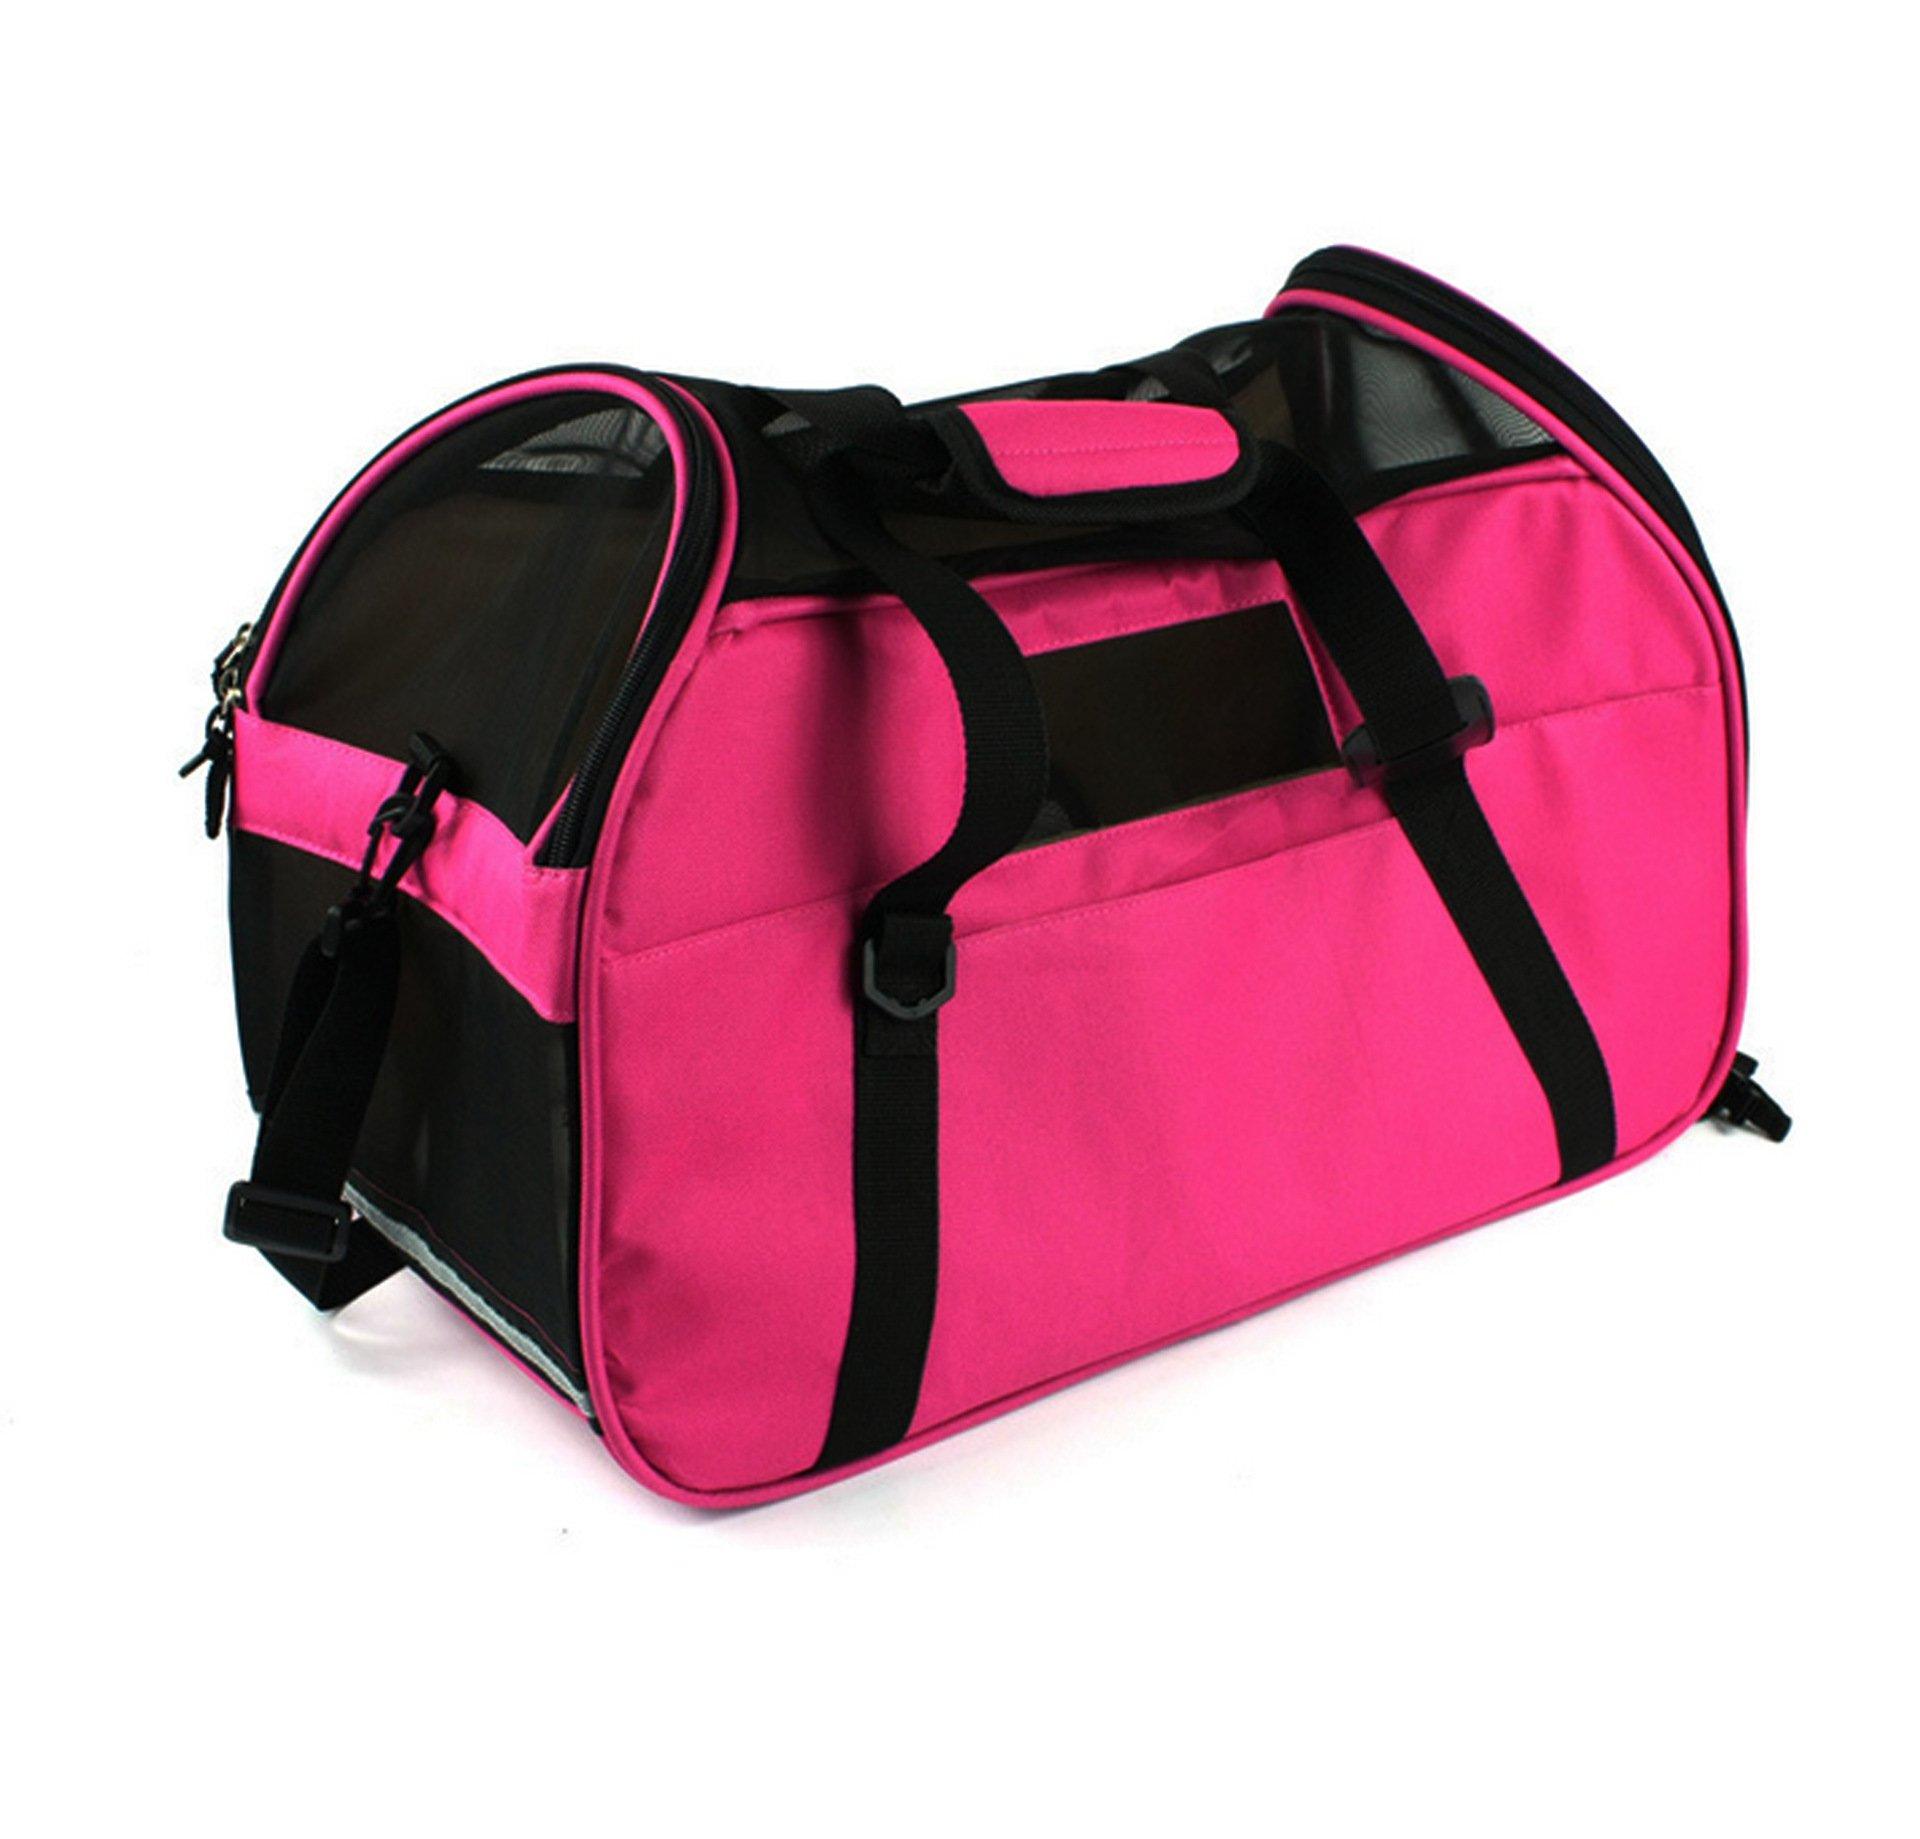 BetteresLife Portable Shoulder Waterproof Breathable Pet Carrier for Dog or Cat